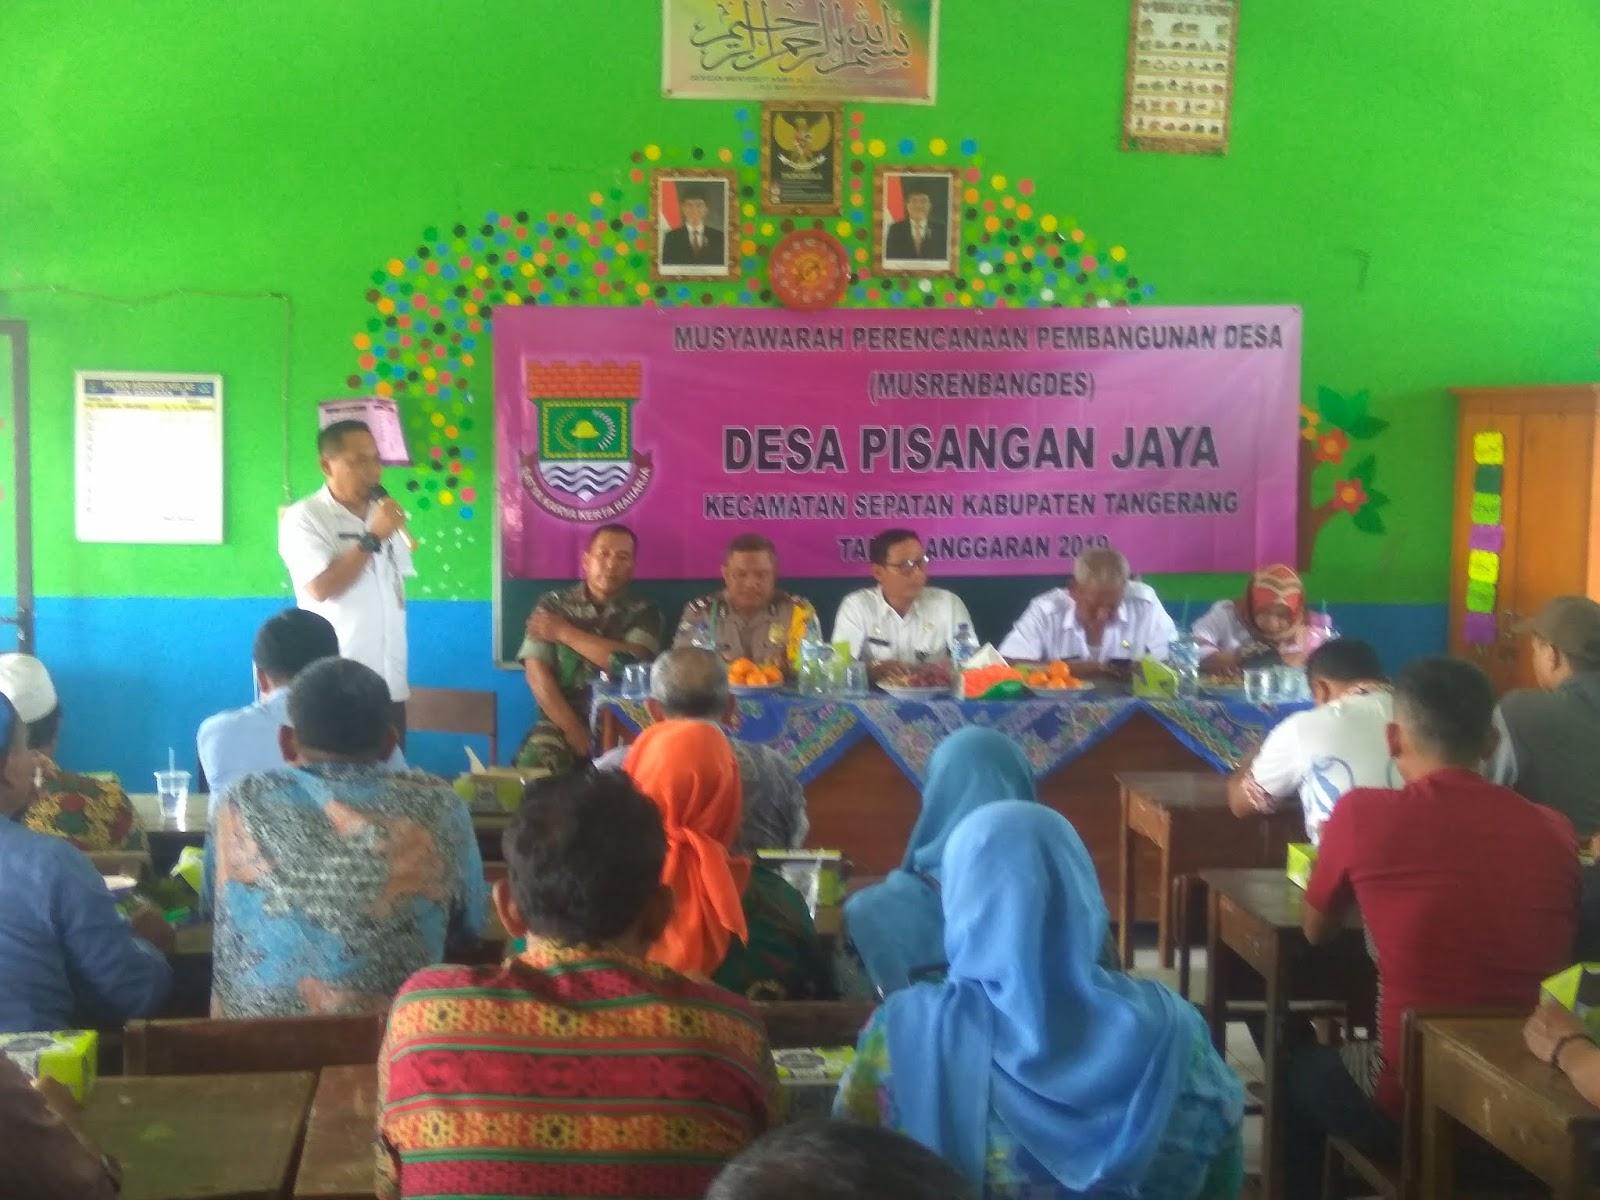 Musrenbagdes Pisangan Jaya, Masih Prioritaskan Pembangunan Infrastuktur